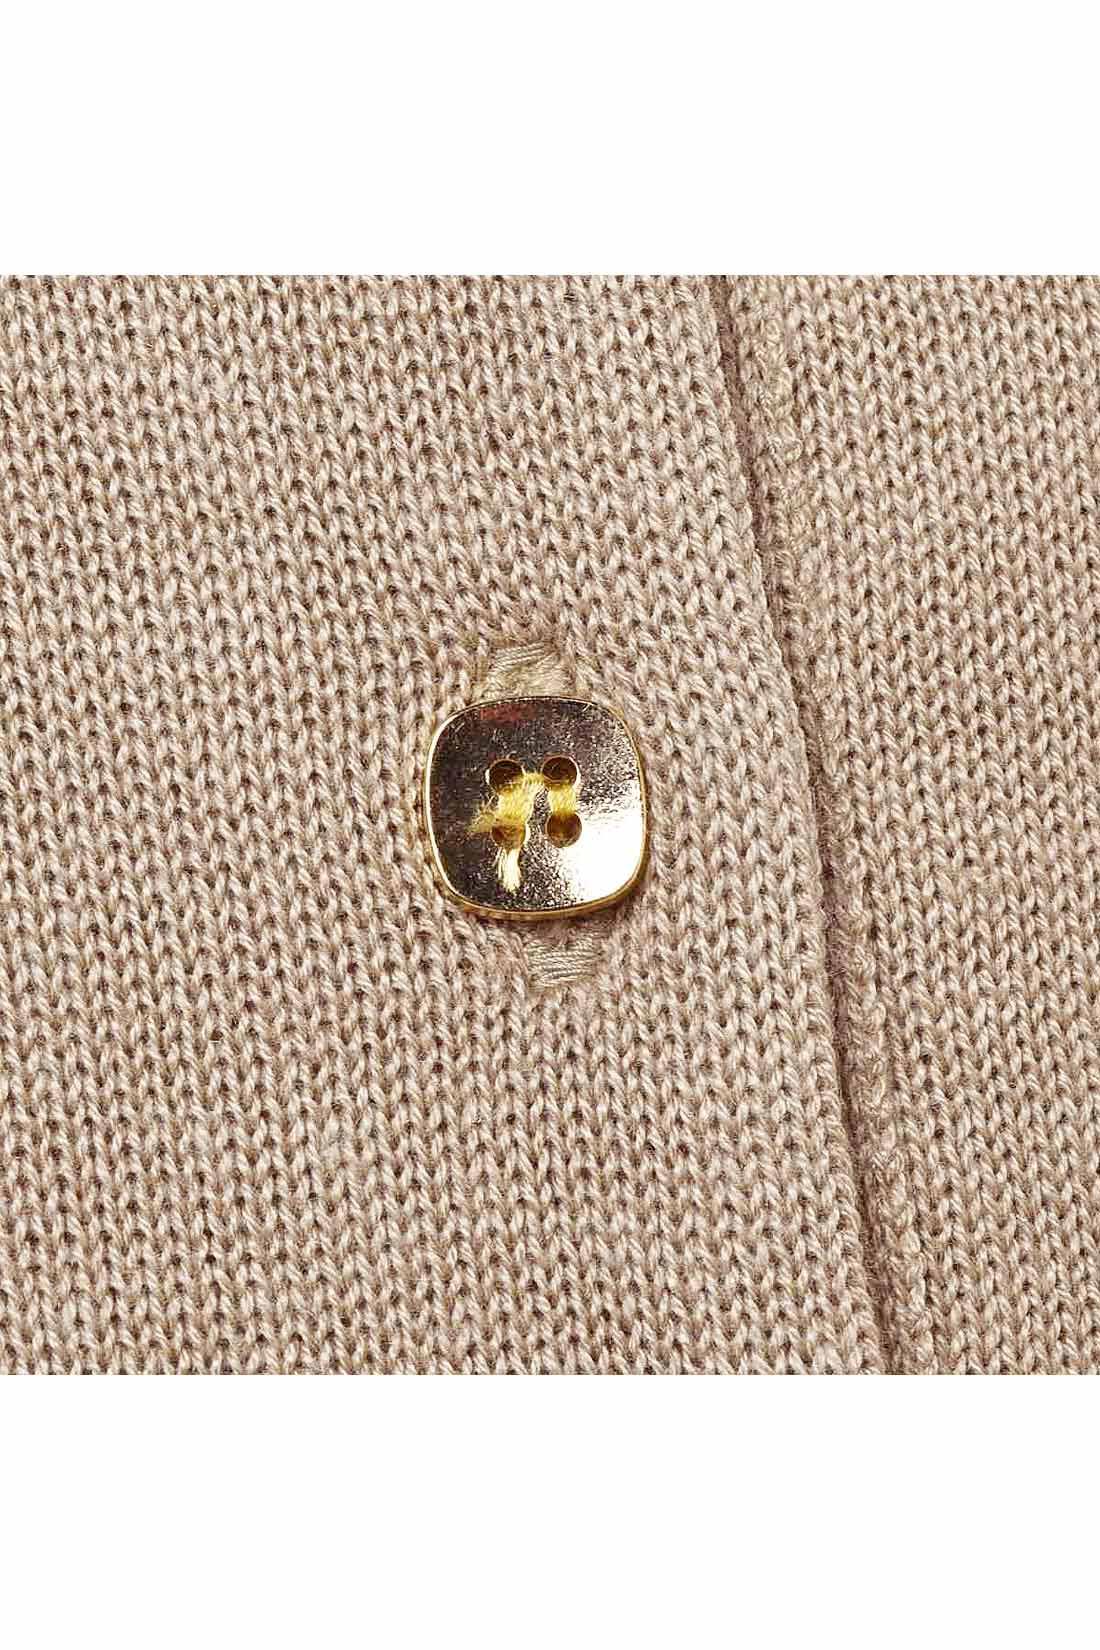 [カフェオレ]金ボタンがキラリ。やや薄手のニットです。